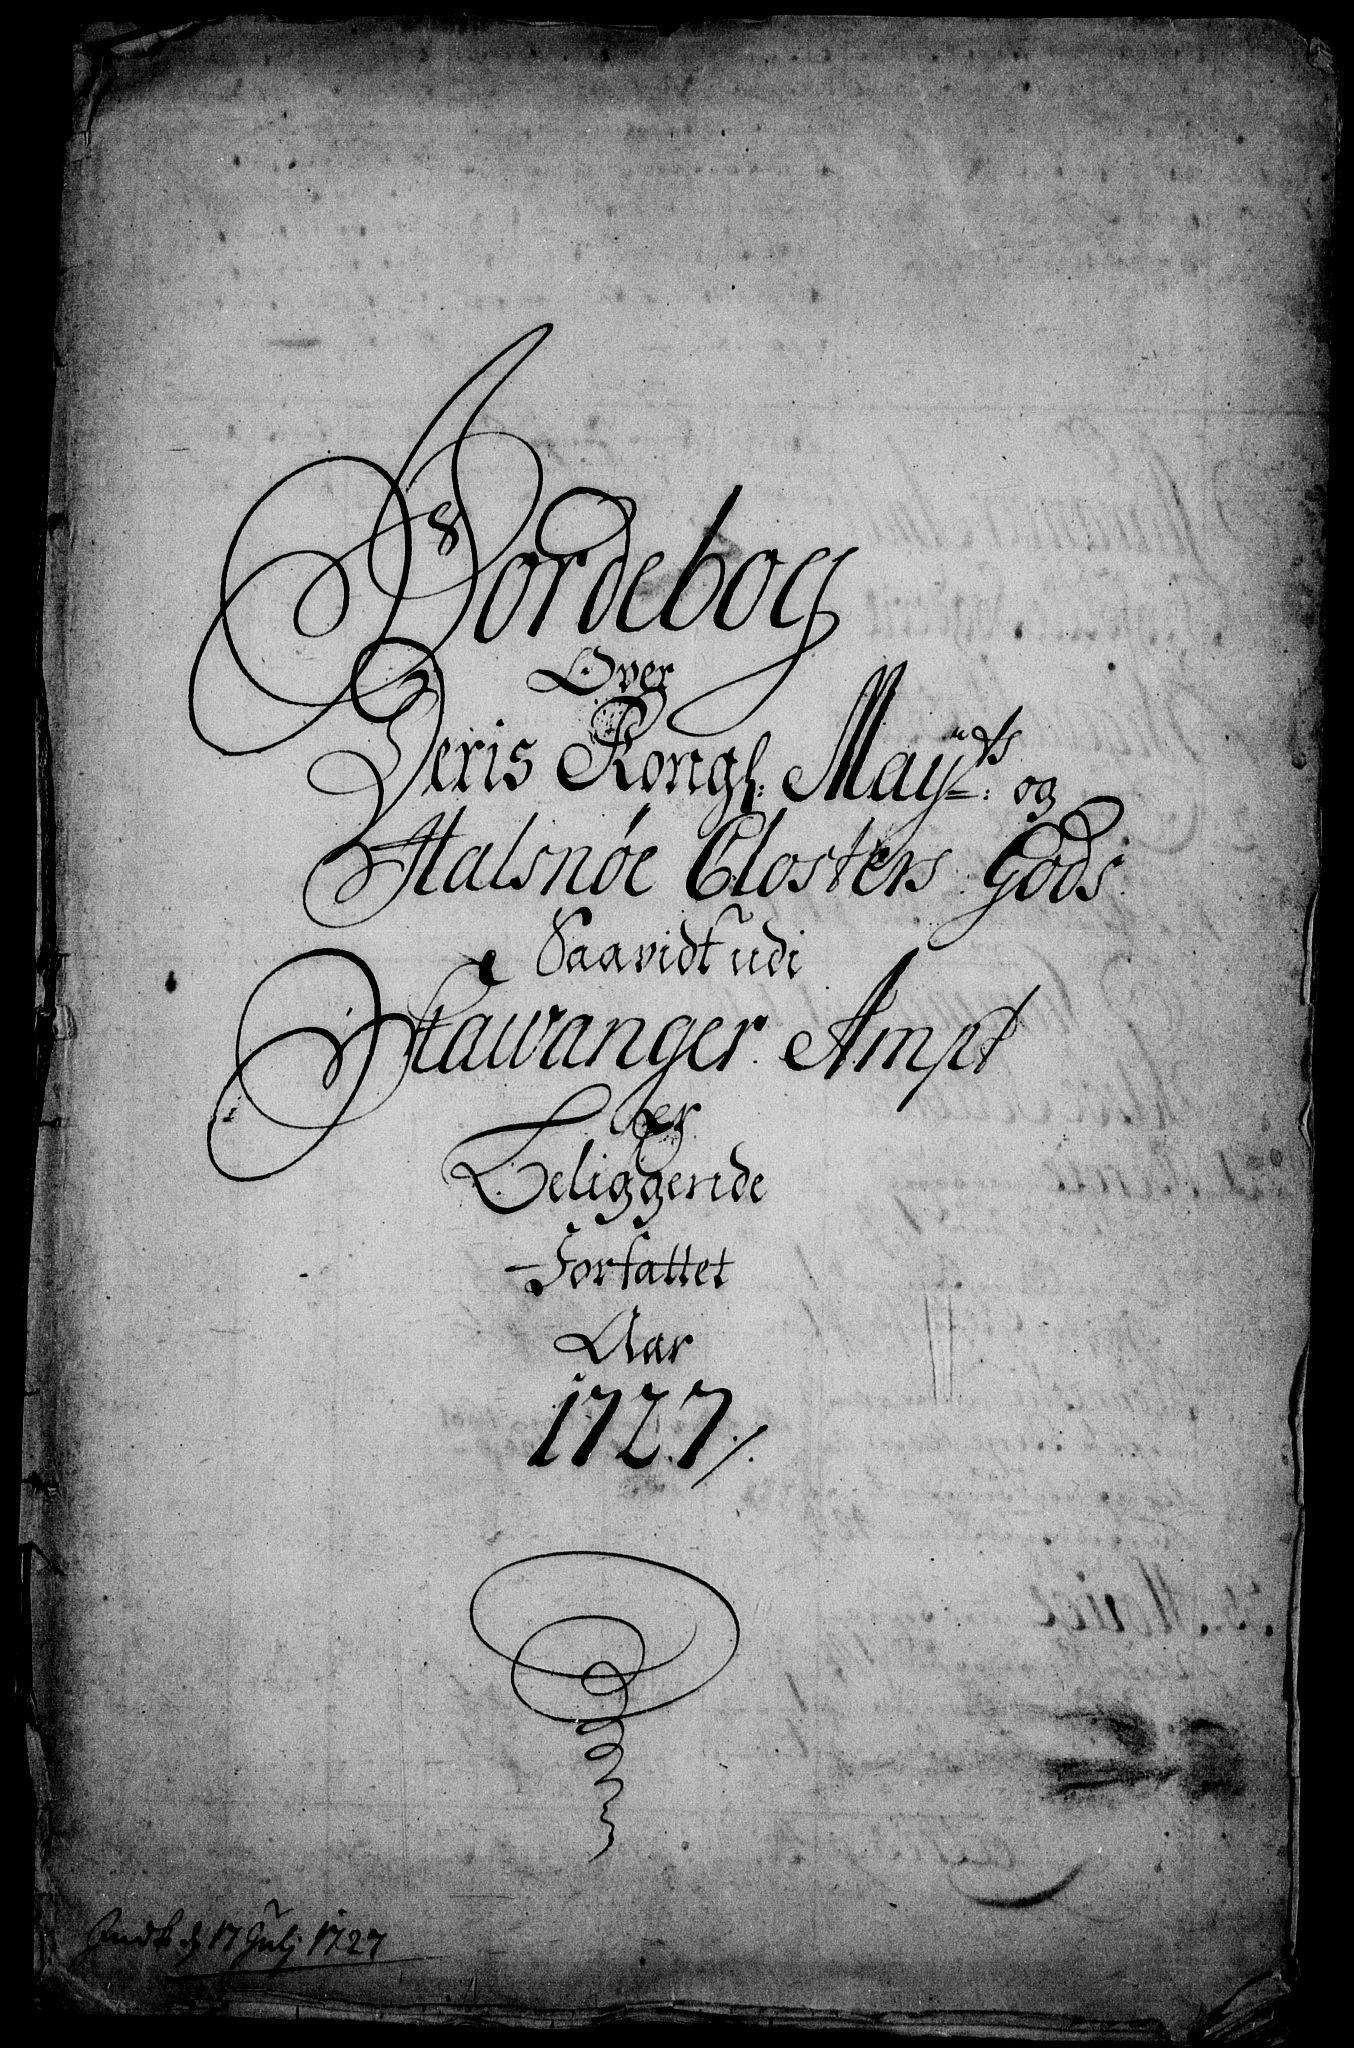 RA, Rentekammeret inntil 1814, Realistisk ordnet avdeling, On/L0003: [Jj 4]: Kommisjonsforretning over Vilhelm Hanssøns forpaktning av Halsnøy klosters gods, 1721-1729, s. 207